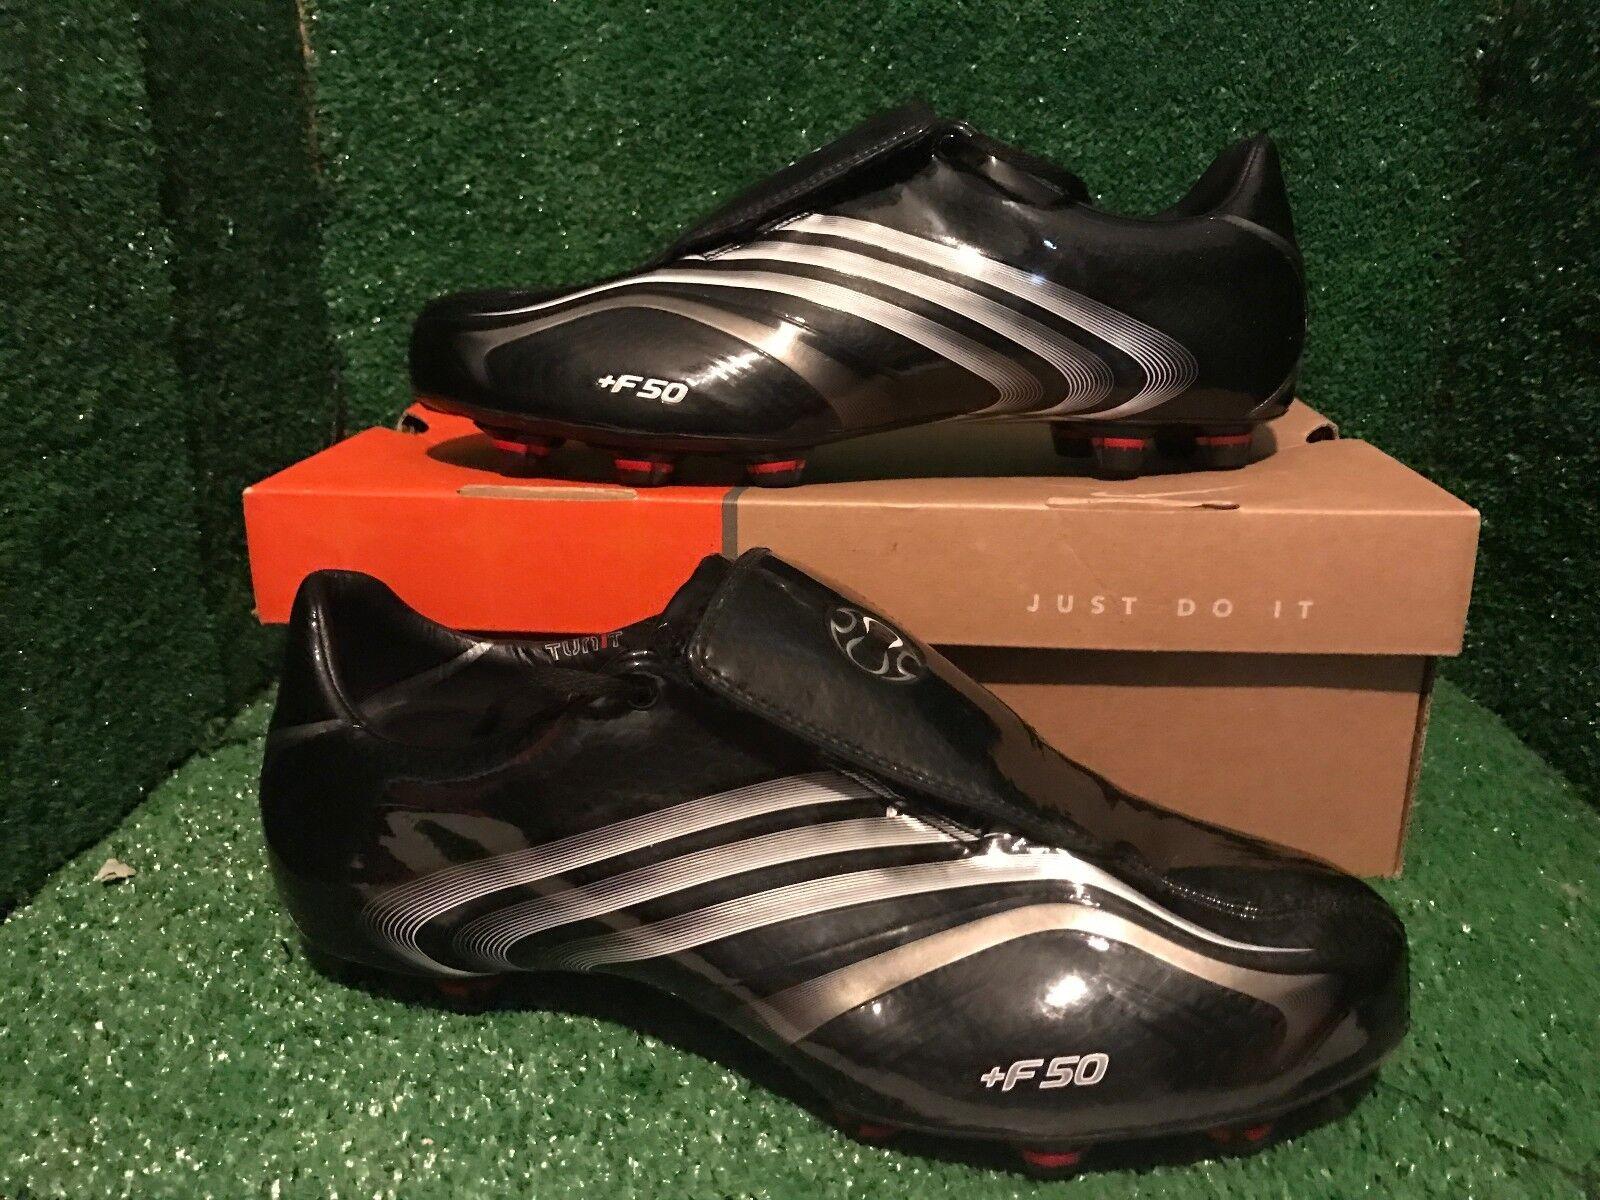 Lote  Negro Botines De Fútbol Adidas +F50.8 Tunit de EE. UU. 8,5 42 2 3 f50